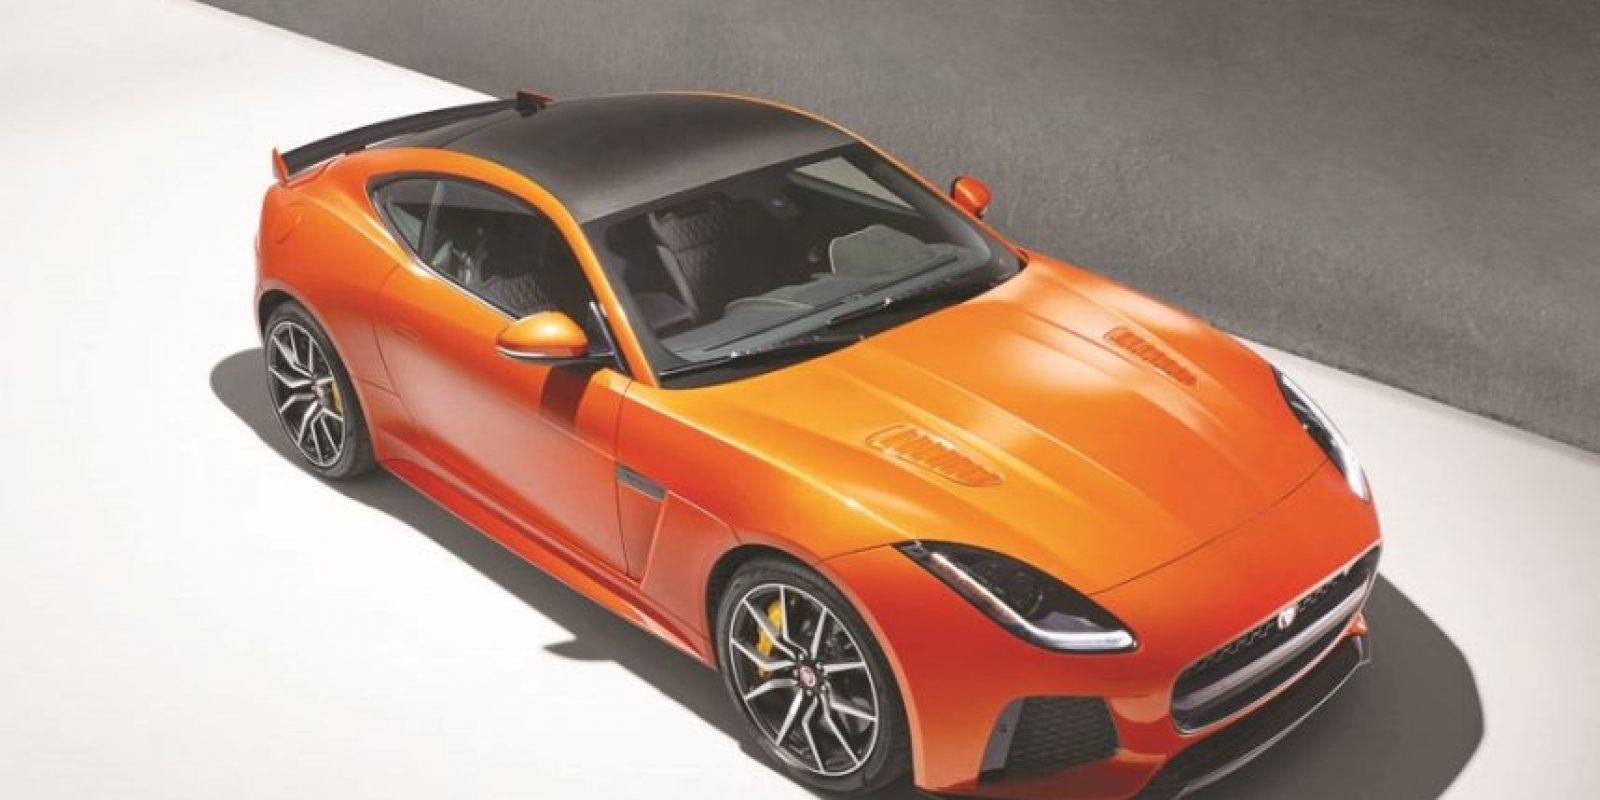 Jaguar F-Type SVR. El nuevo coupé y convertible estará en el Autoshow de Ginebra y llega con cartas tan positivas como un revisado y exprimido motor 5.0 V8 supercargado para 575 caballos y 516 libras pie efectivos, capaces de llevar al bólido de 0 -100 km/h en tan solo 3.7 segundos, y continuar empujando hasta 322 km/hora.Se trata del F-TYPE más rápido fabricado, el primero en ser puesto a la pista producto de la división SVR del Grupo, mientras que su precio da aún más de qué hablar: 158 mil 600 y 166 mil 600 euros, coupé y convertible, prestaciones que le ponen a competir con pesos pesados (como el nuevo 911 Turbo de 174 mil o 911 Turbo S, superior a los 200 mil euros. ¡Hay partido! Foto:Jaguar